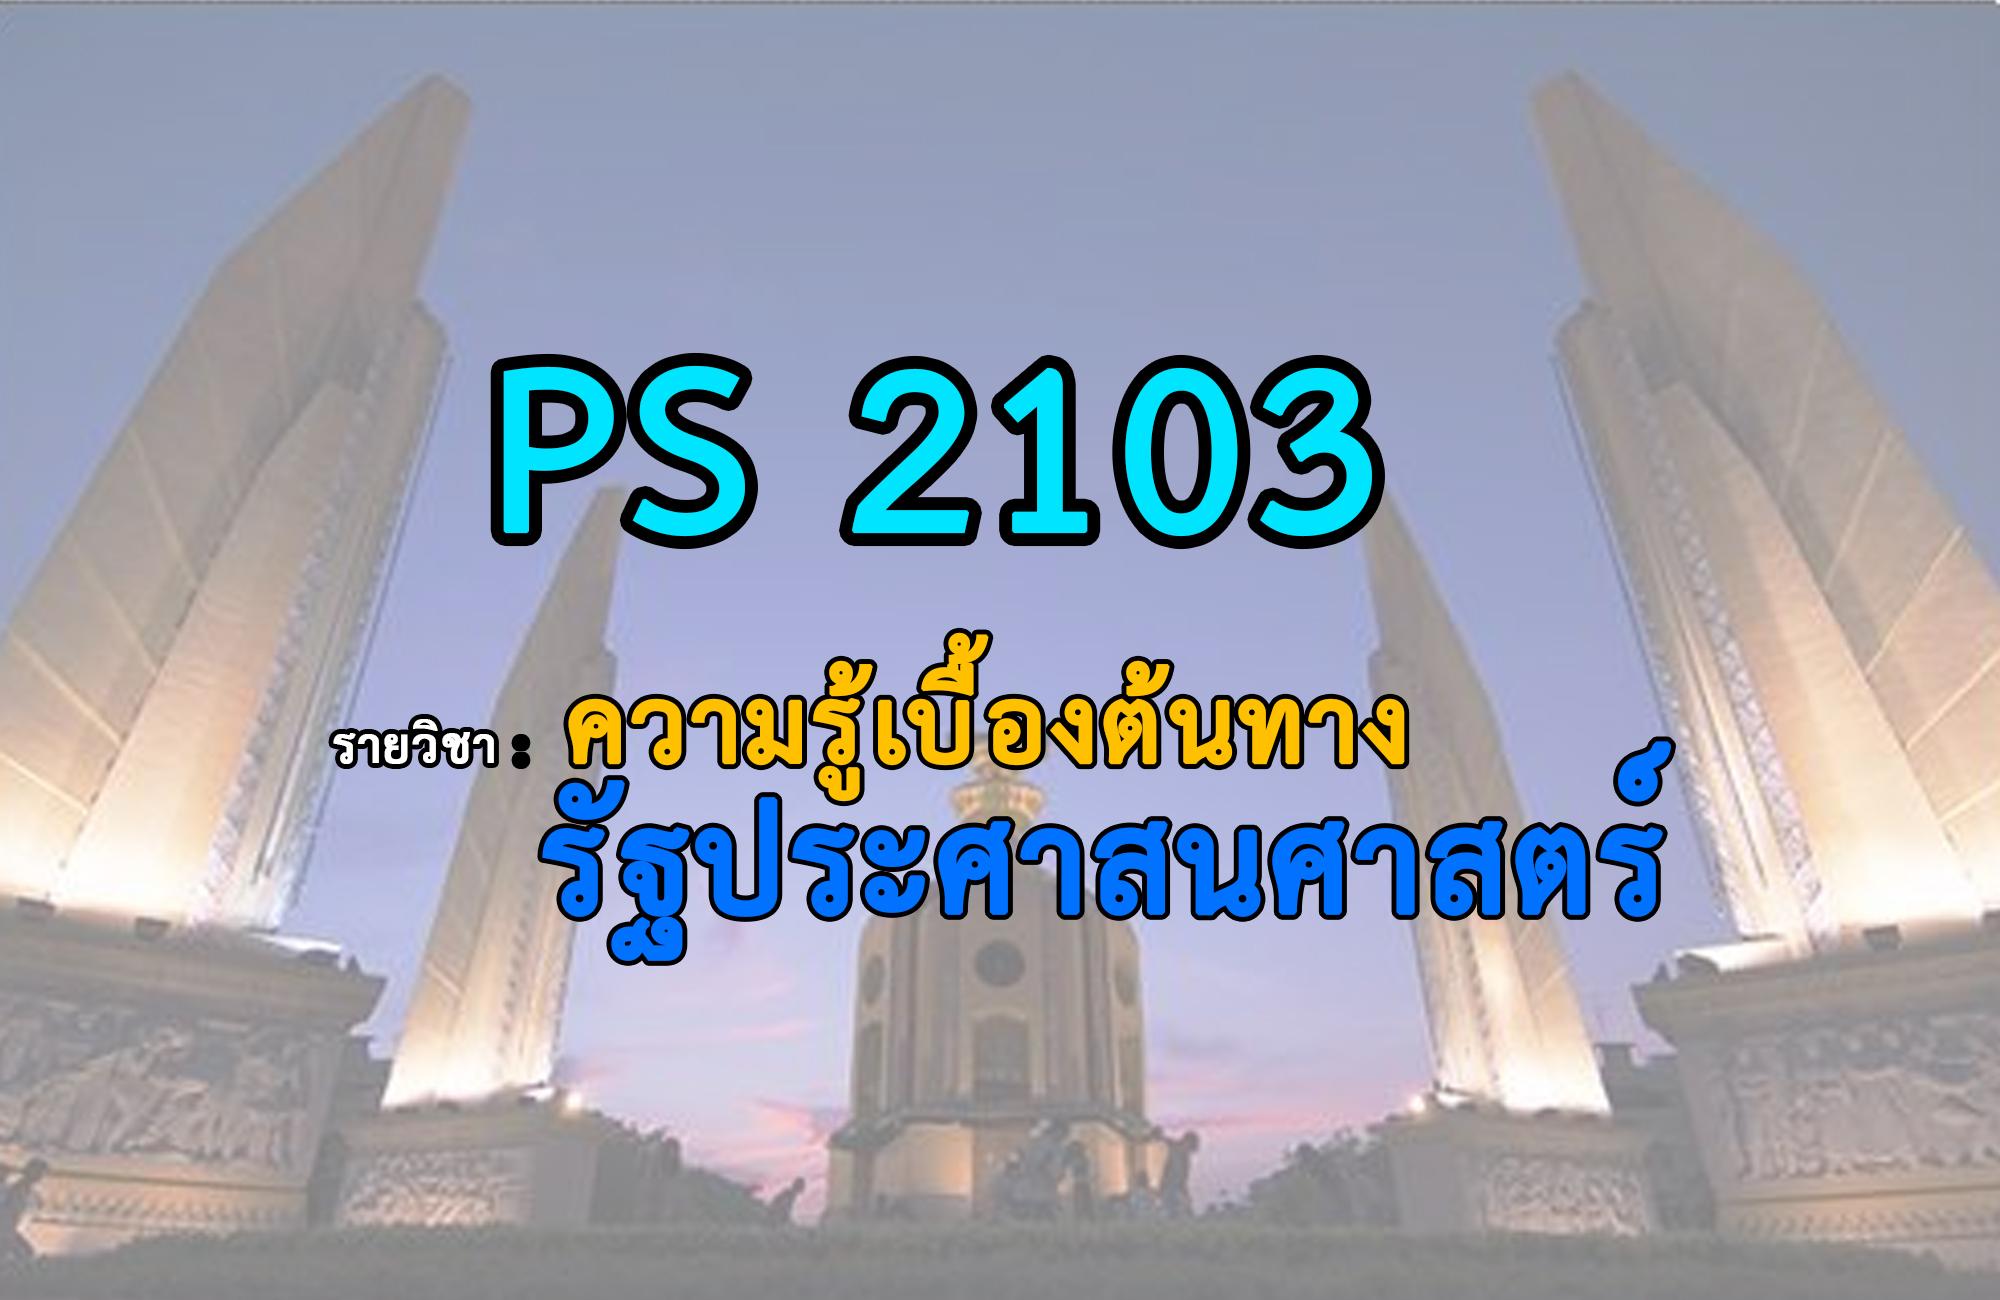 PS2103 ความรู้เบื้องต้นทางรัฐประศาสนศาสตร์